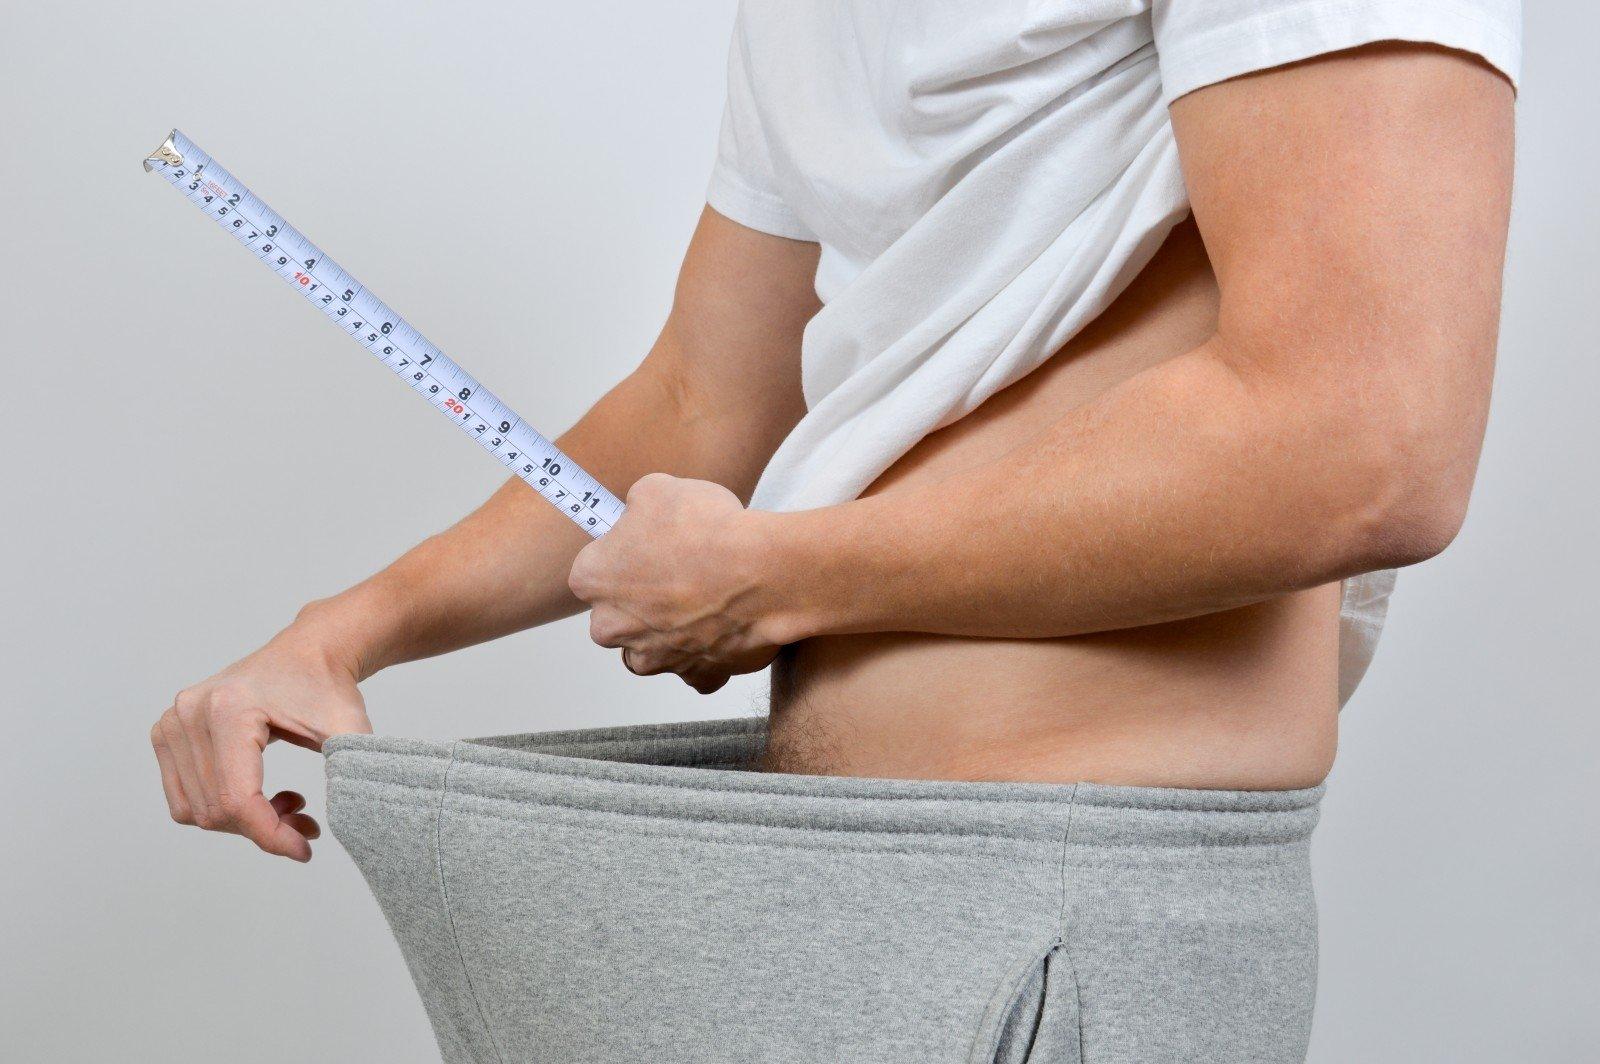 Paprastai varpos dydziai Kaip padidinti vaiko dydi